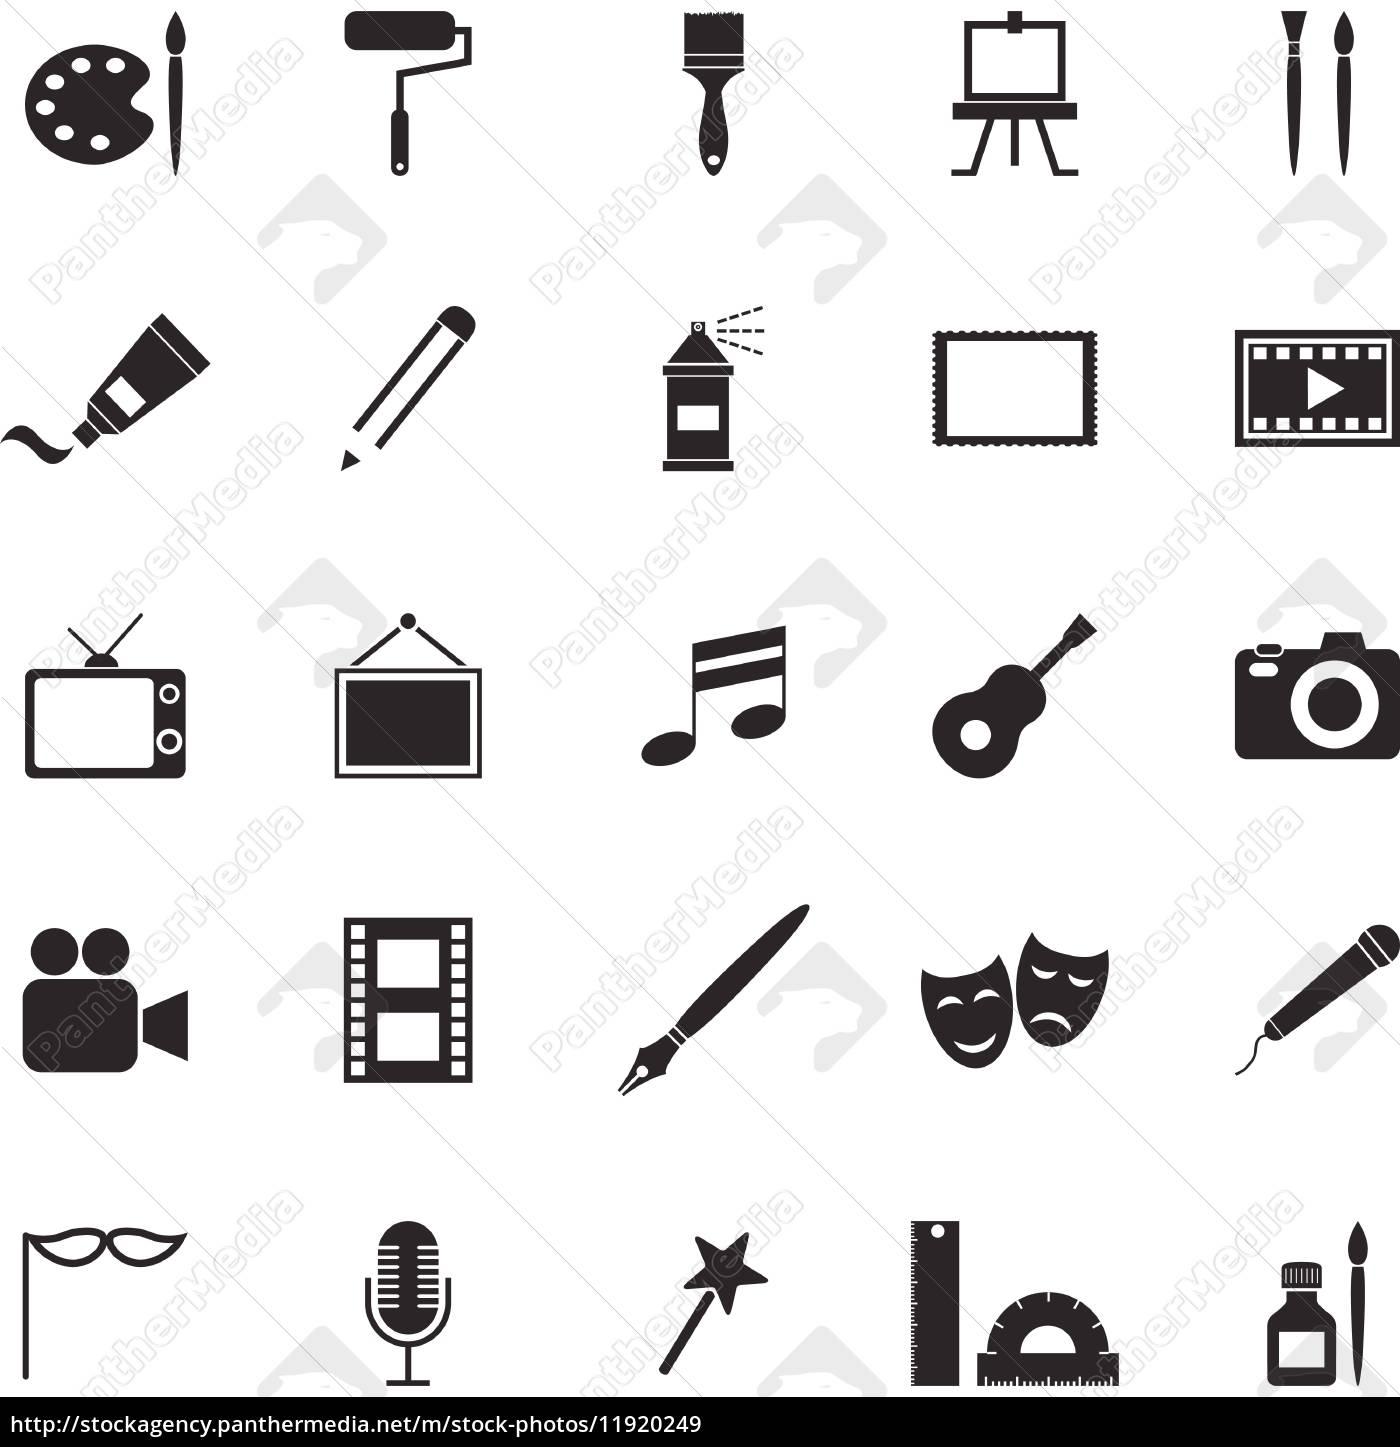 kunst-symbole auf weißem hintergrund - Lizenzfreies Bild - #11920249 ...